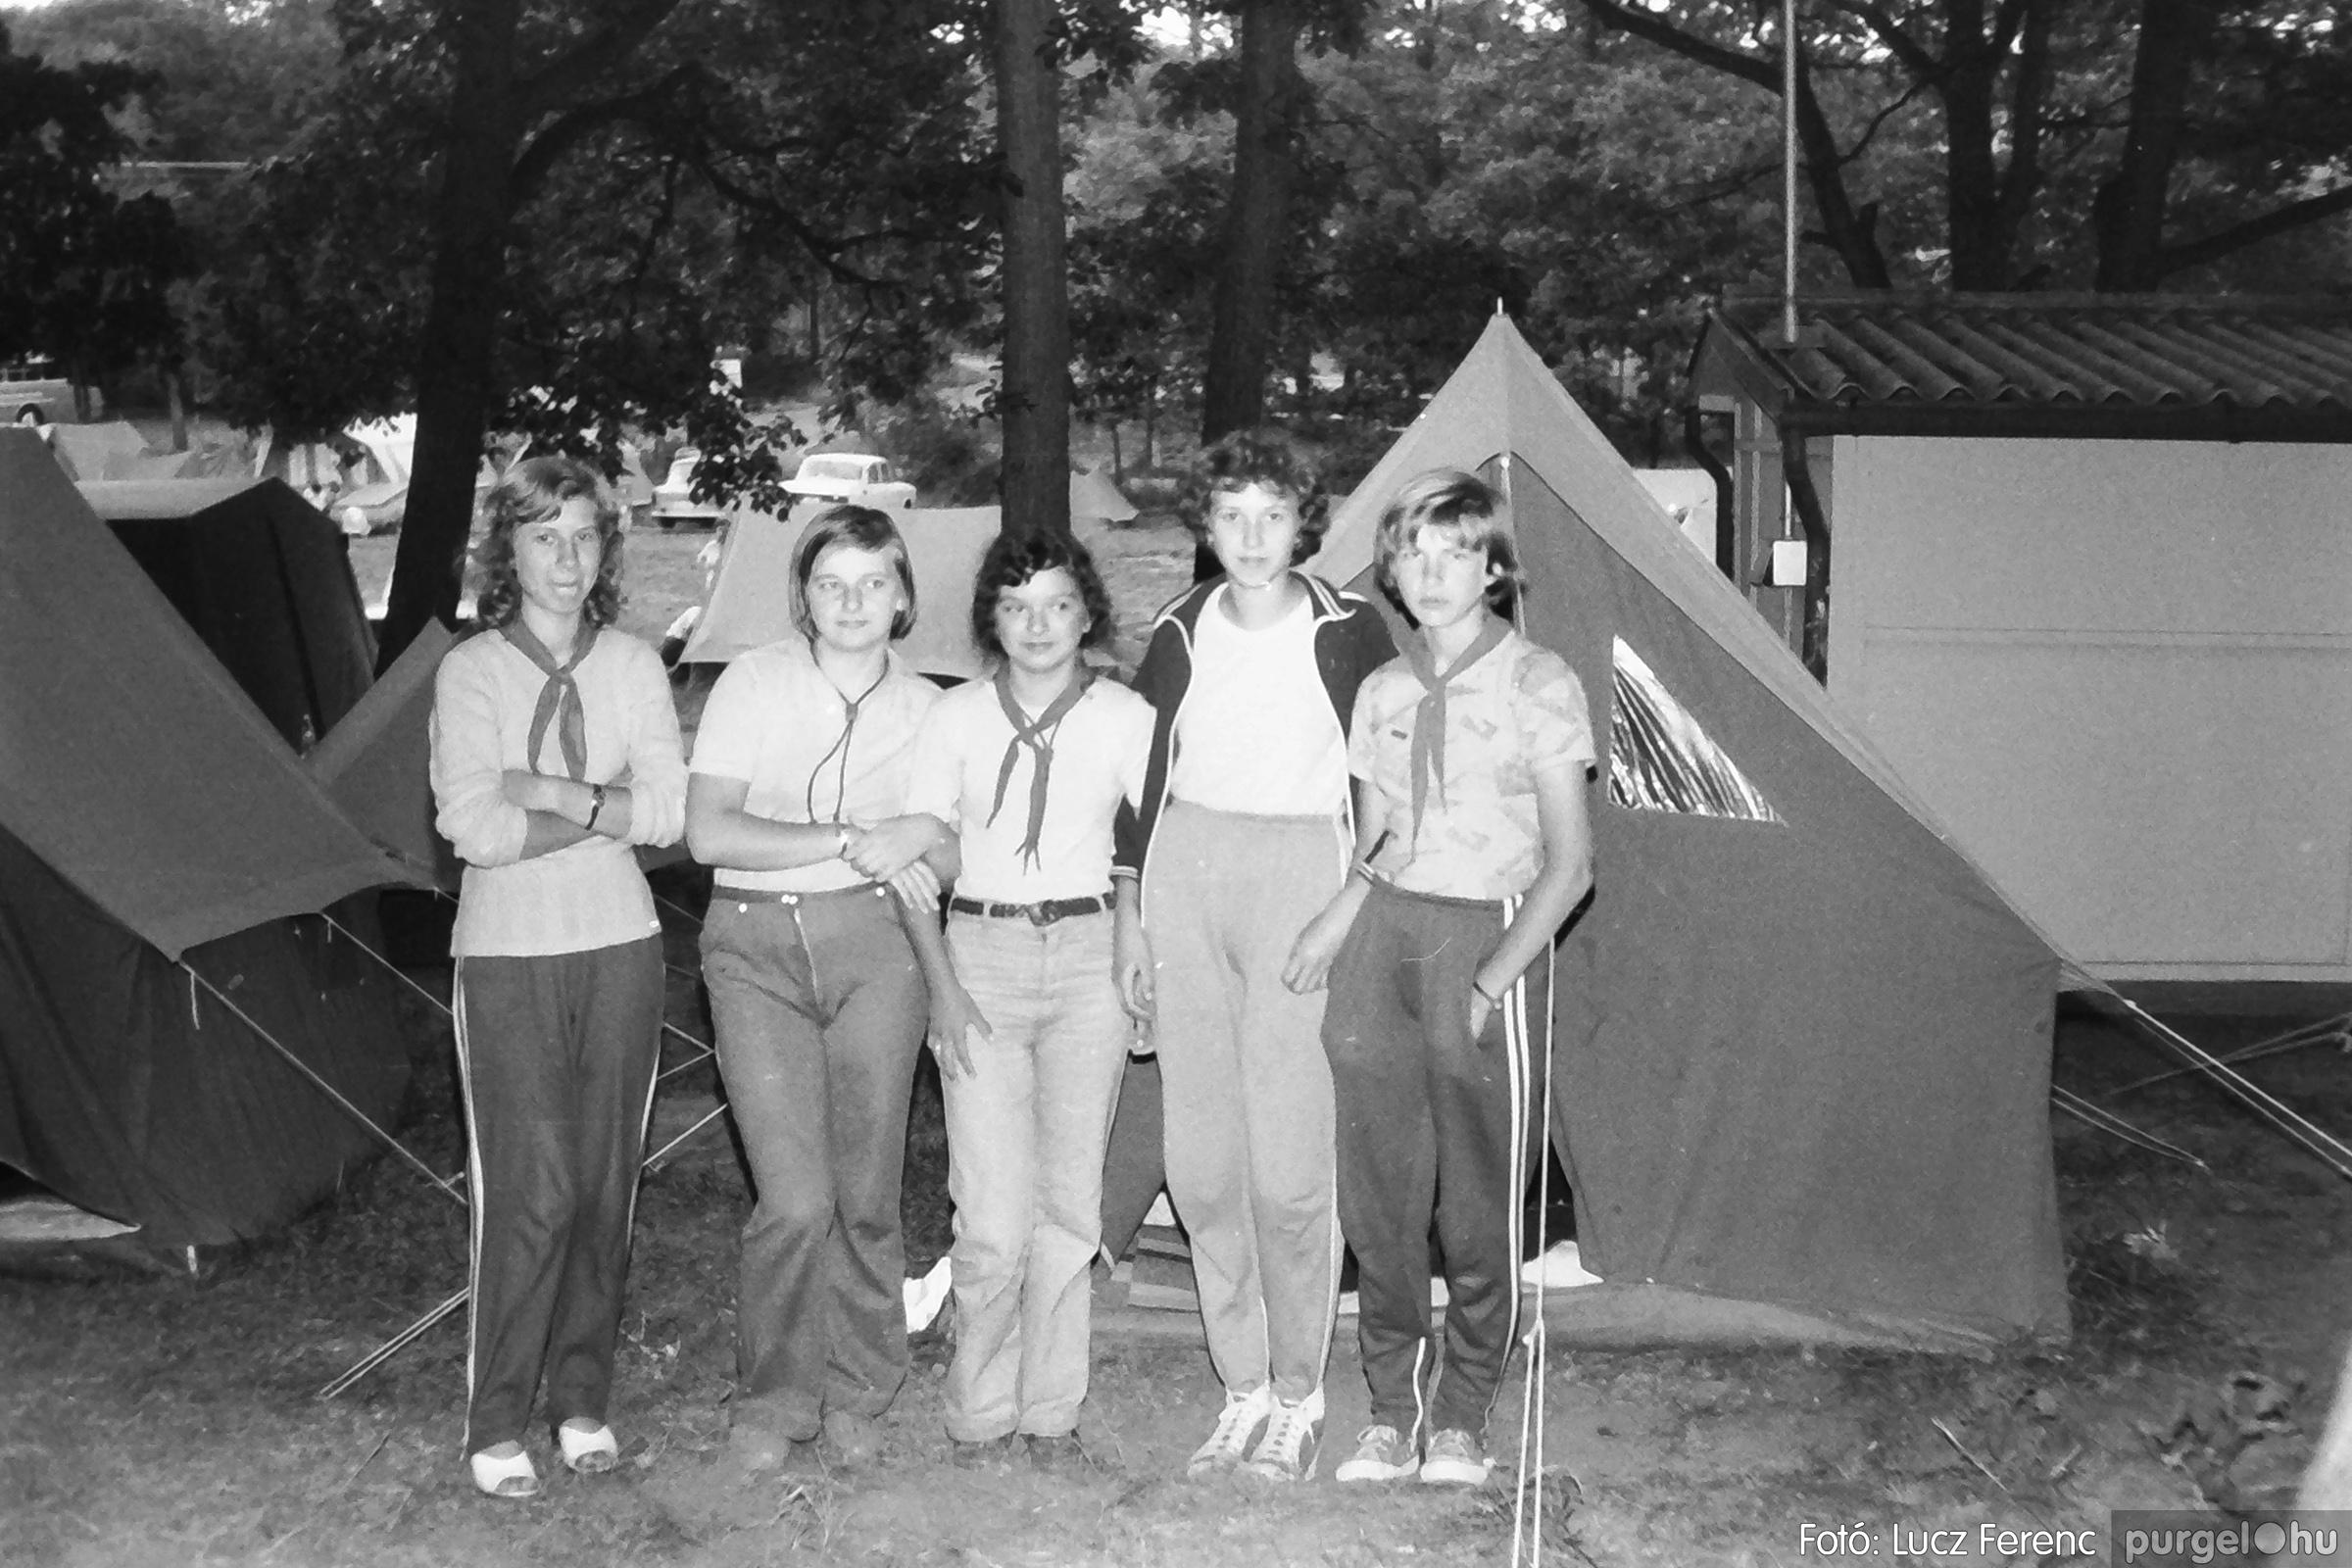 086, 088. 1977. Nyári tábor a Mátrában 052. - Fotó: Lucz Ferenc.jpg